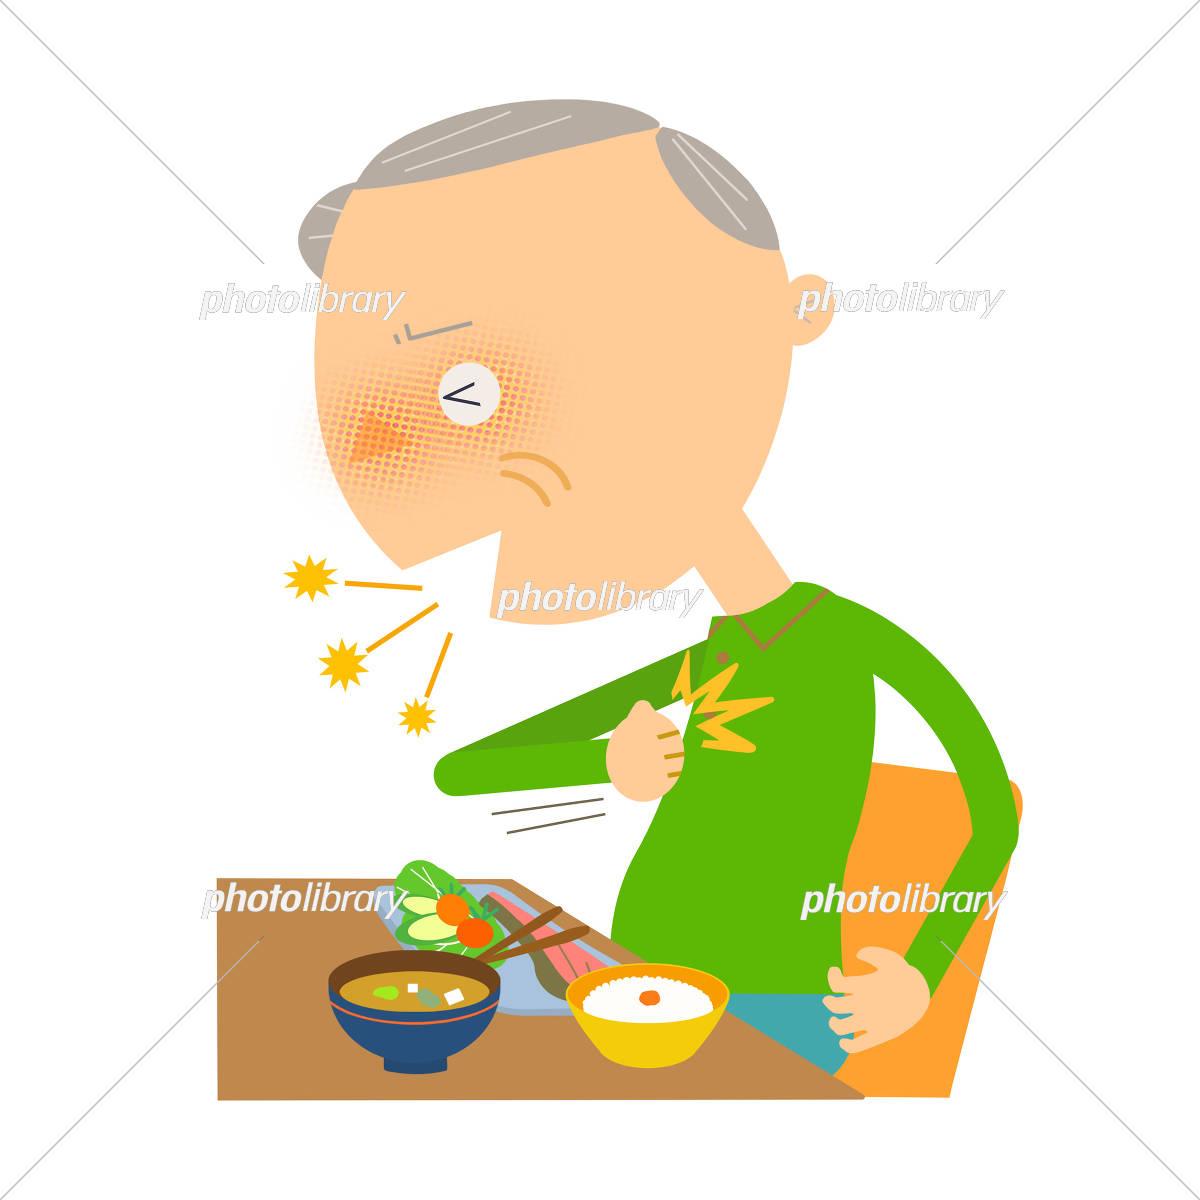 シニアの食事中の誤嚥 イラスト素材 5442191 フォトライブラリー